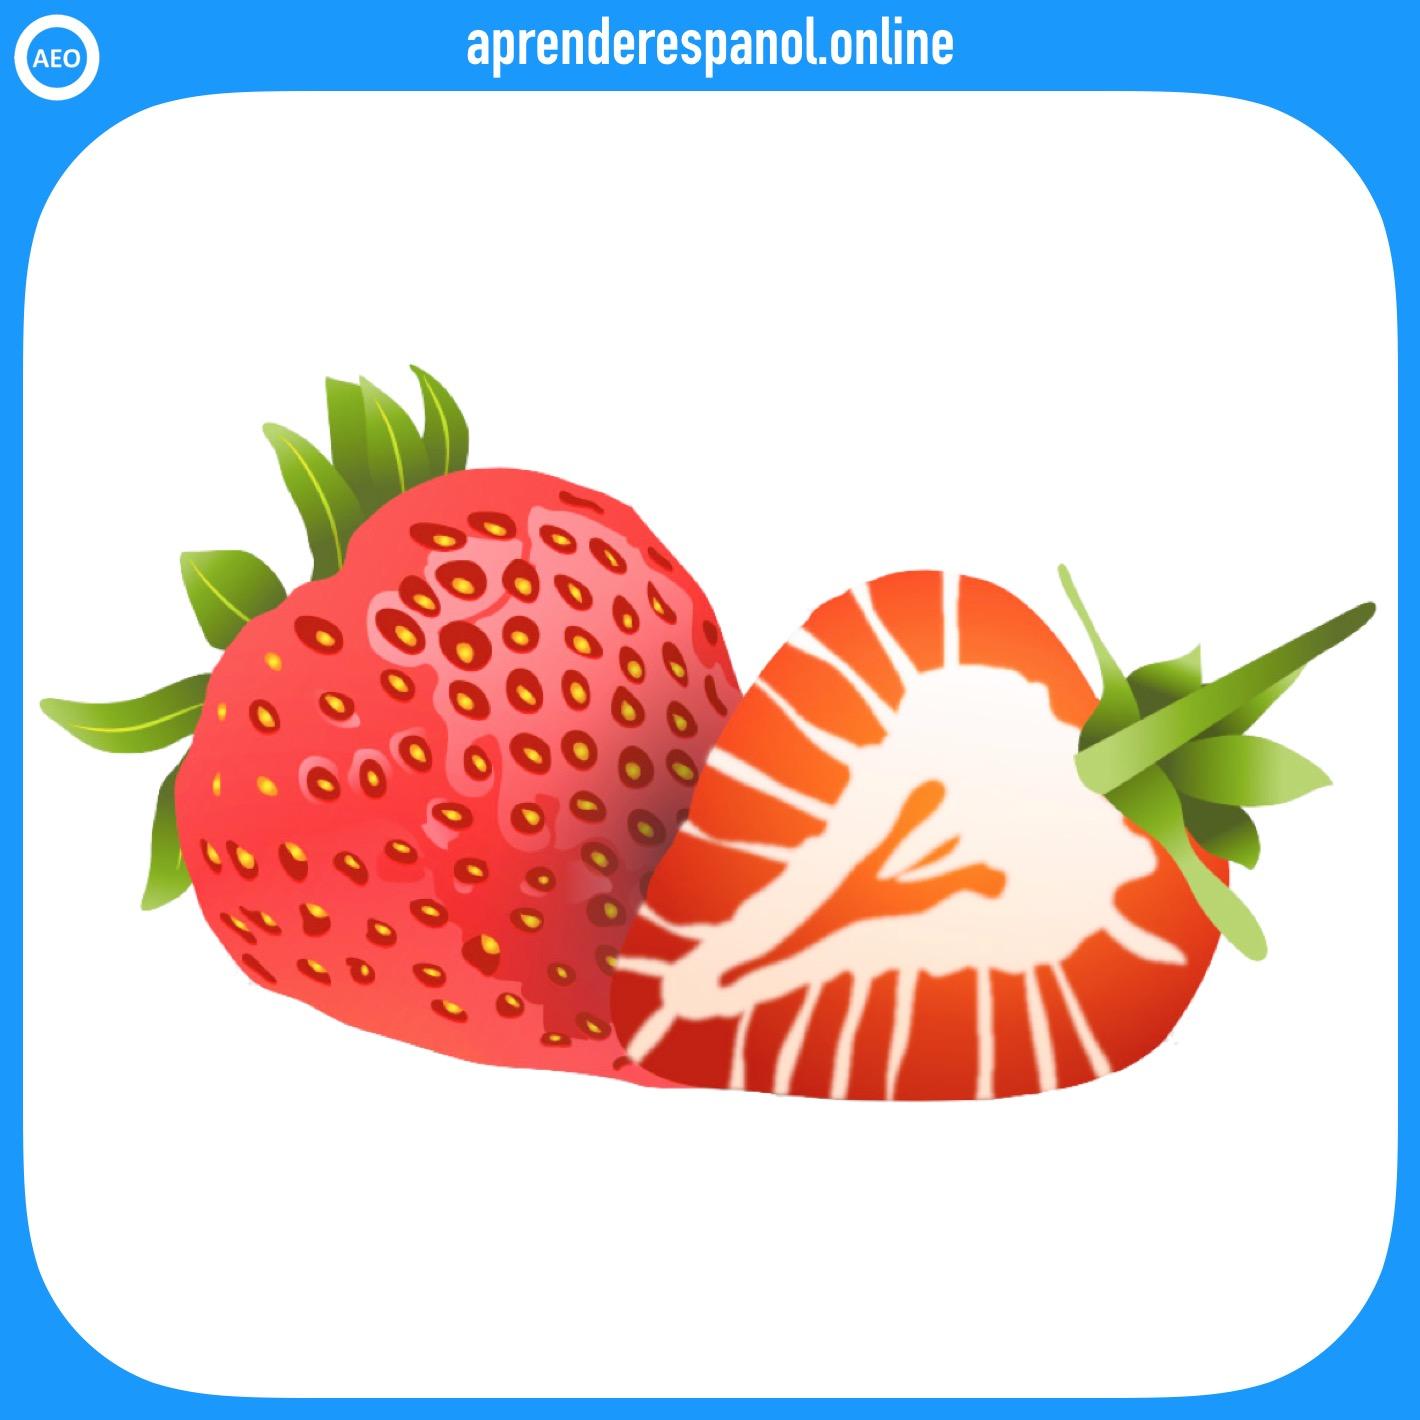 fresa - frutas en español - vocabulario de las frutas en español